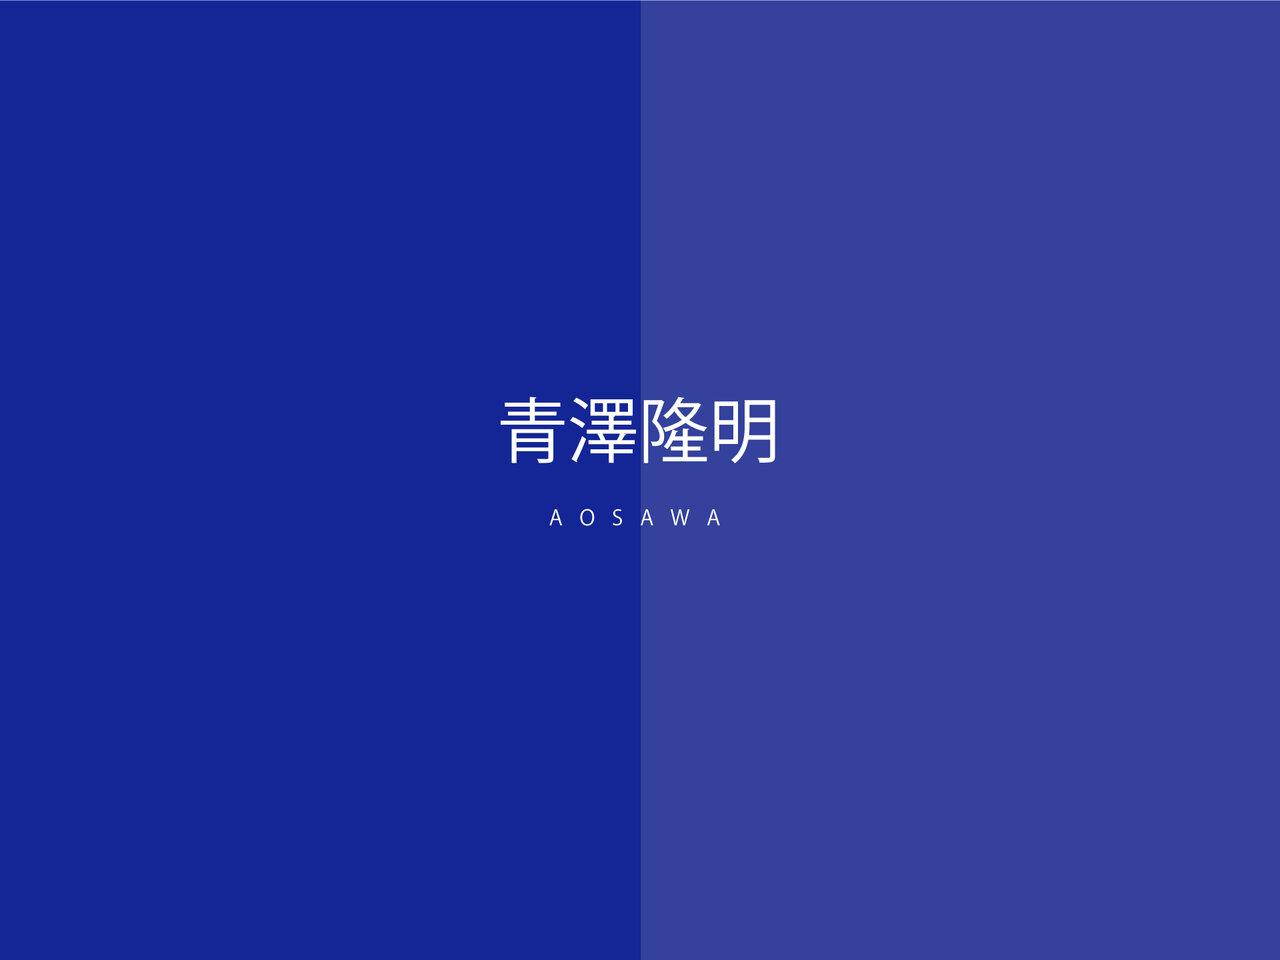 カルメンはエイミーじゃない。Ⅱ -新国立劇場 新制作オペラ『カルメン』をみて思ったこと(青澤隆明)